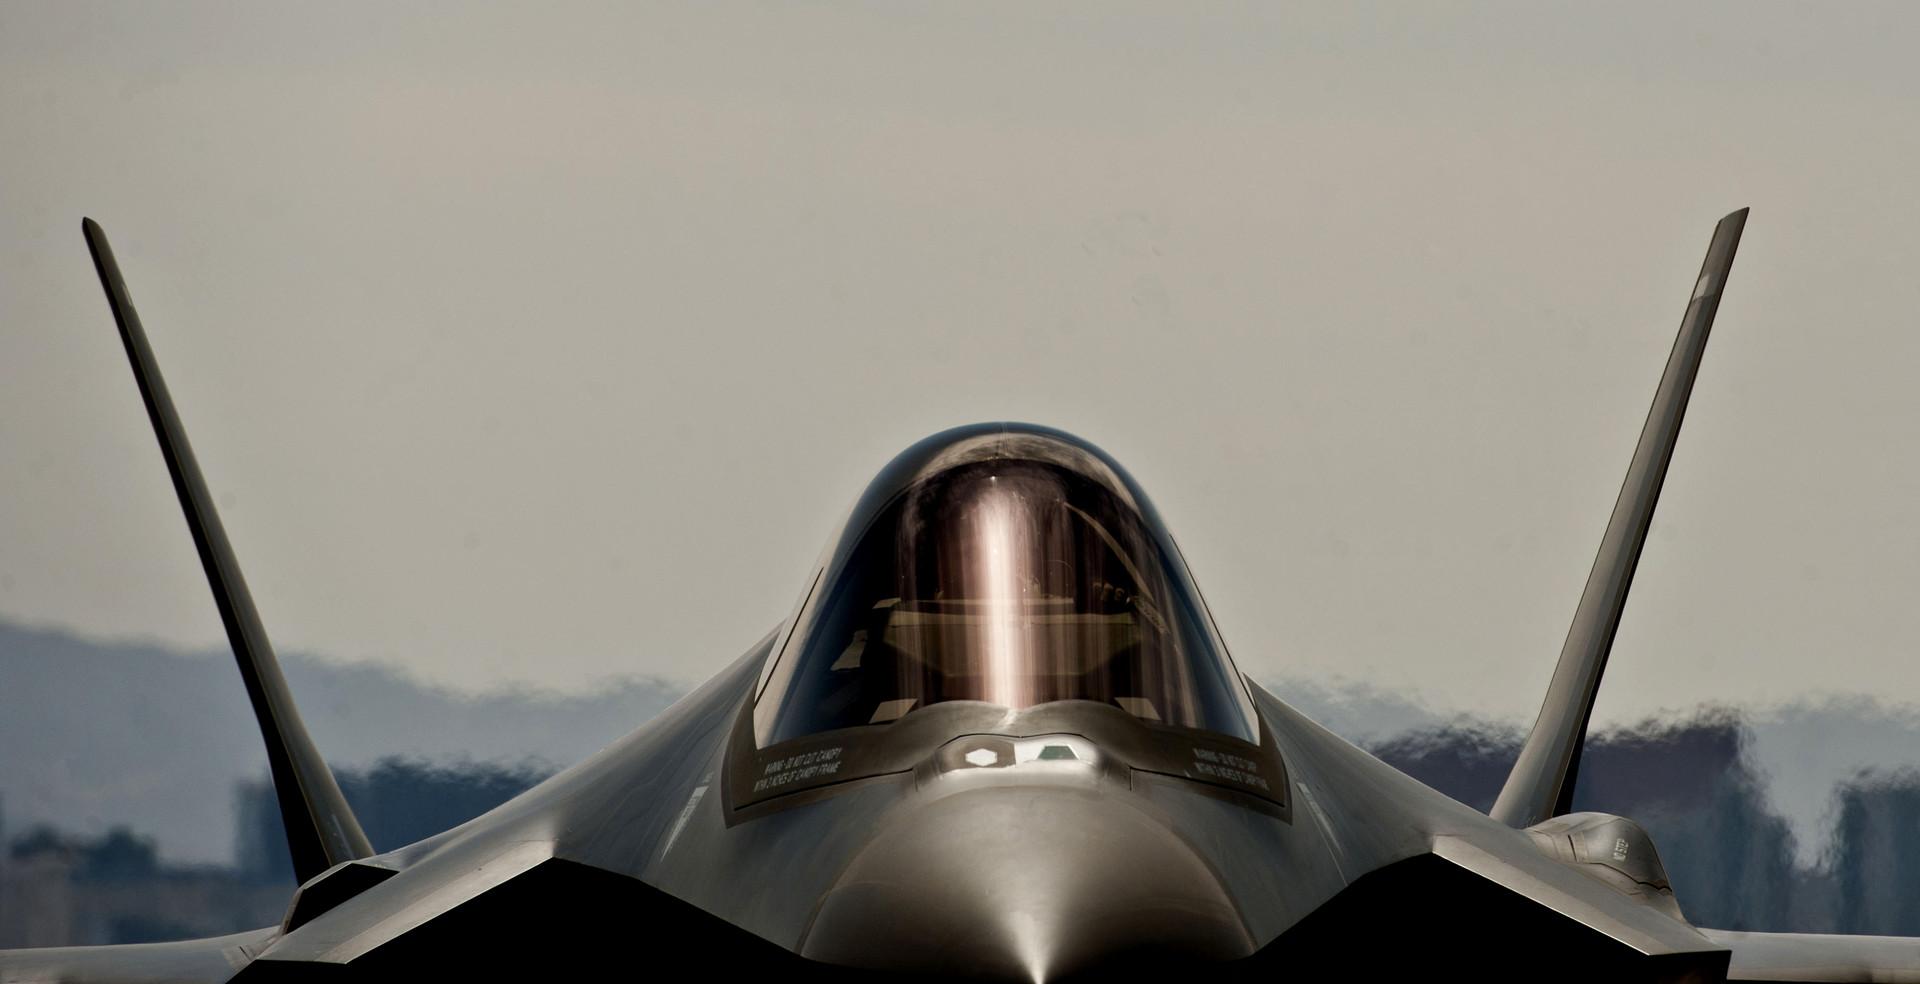 Несмотря ни на что: американские военные заявили, что истребитель F-35А готов к бою